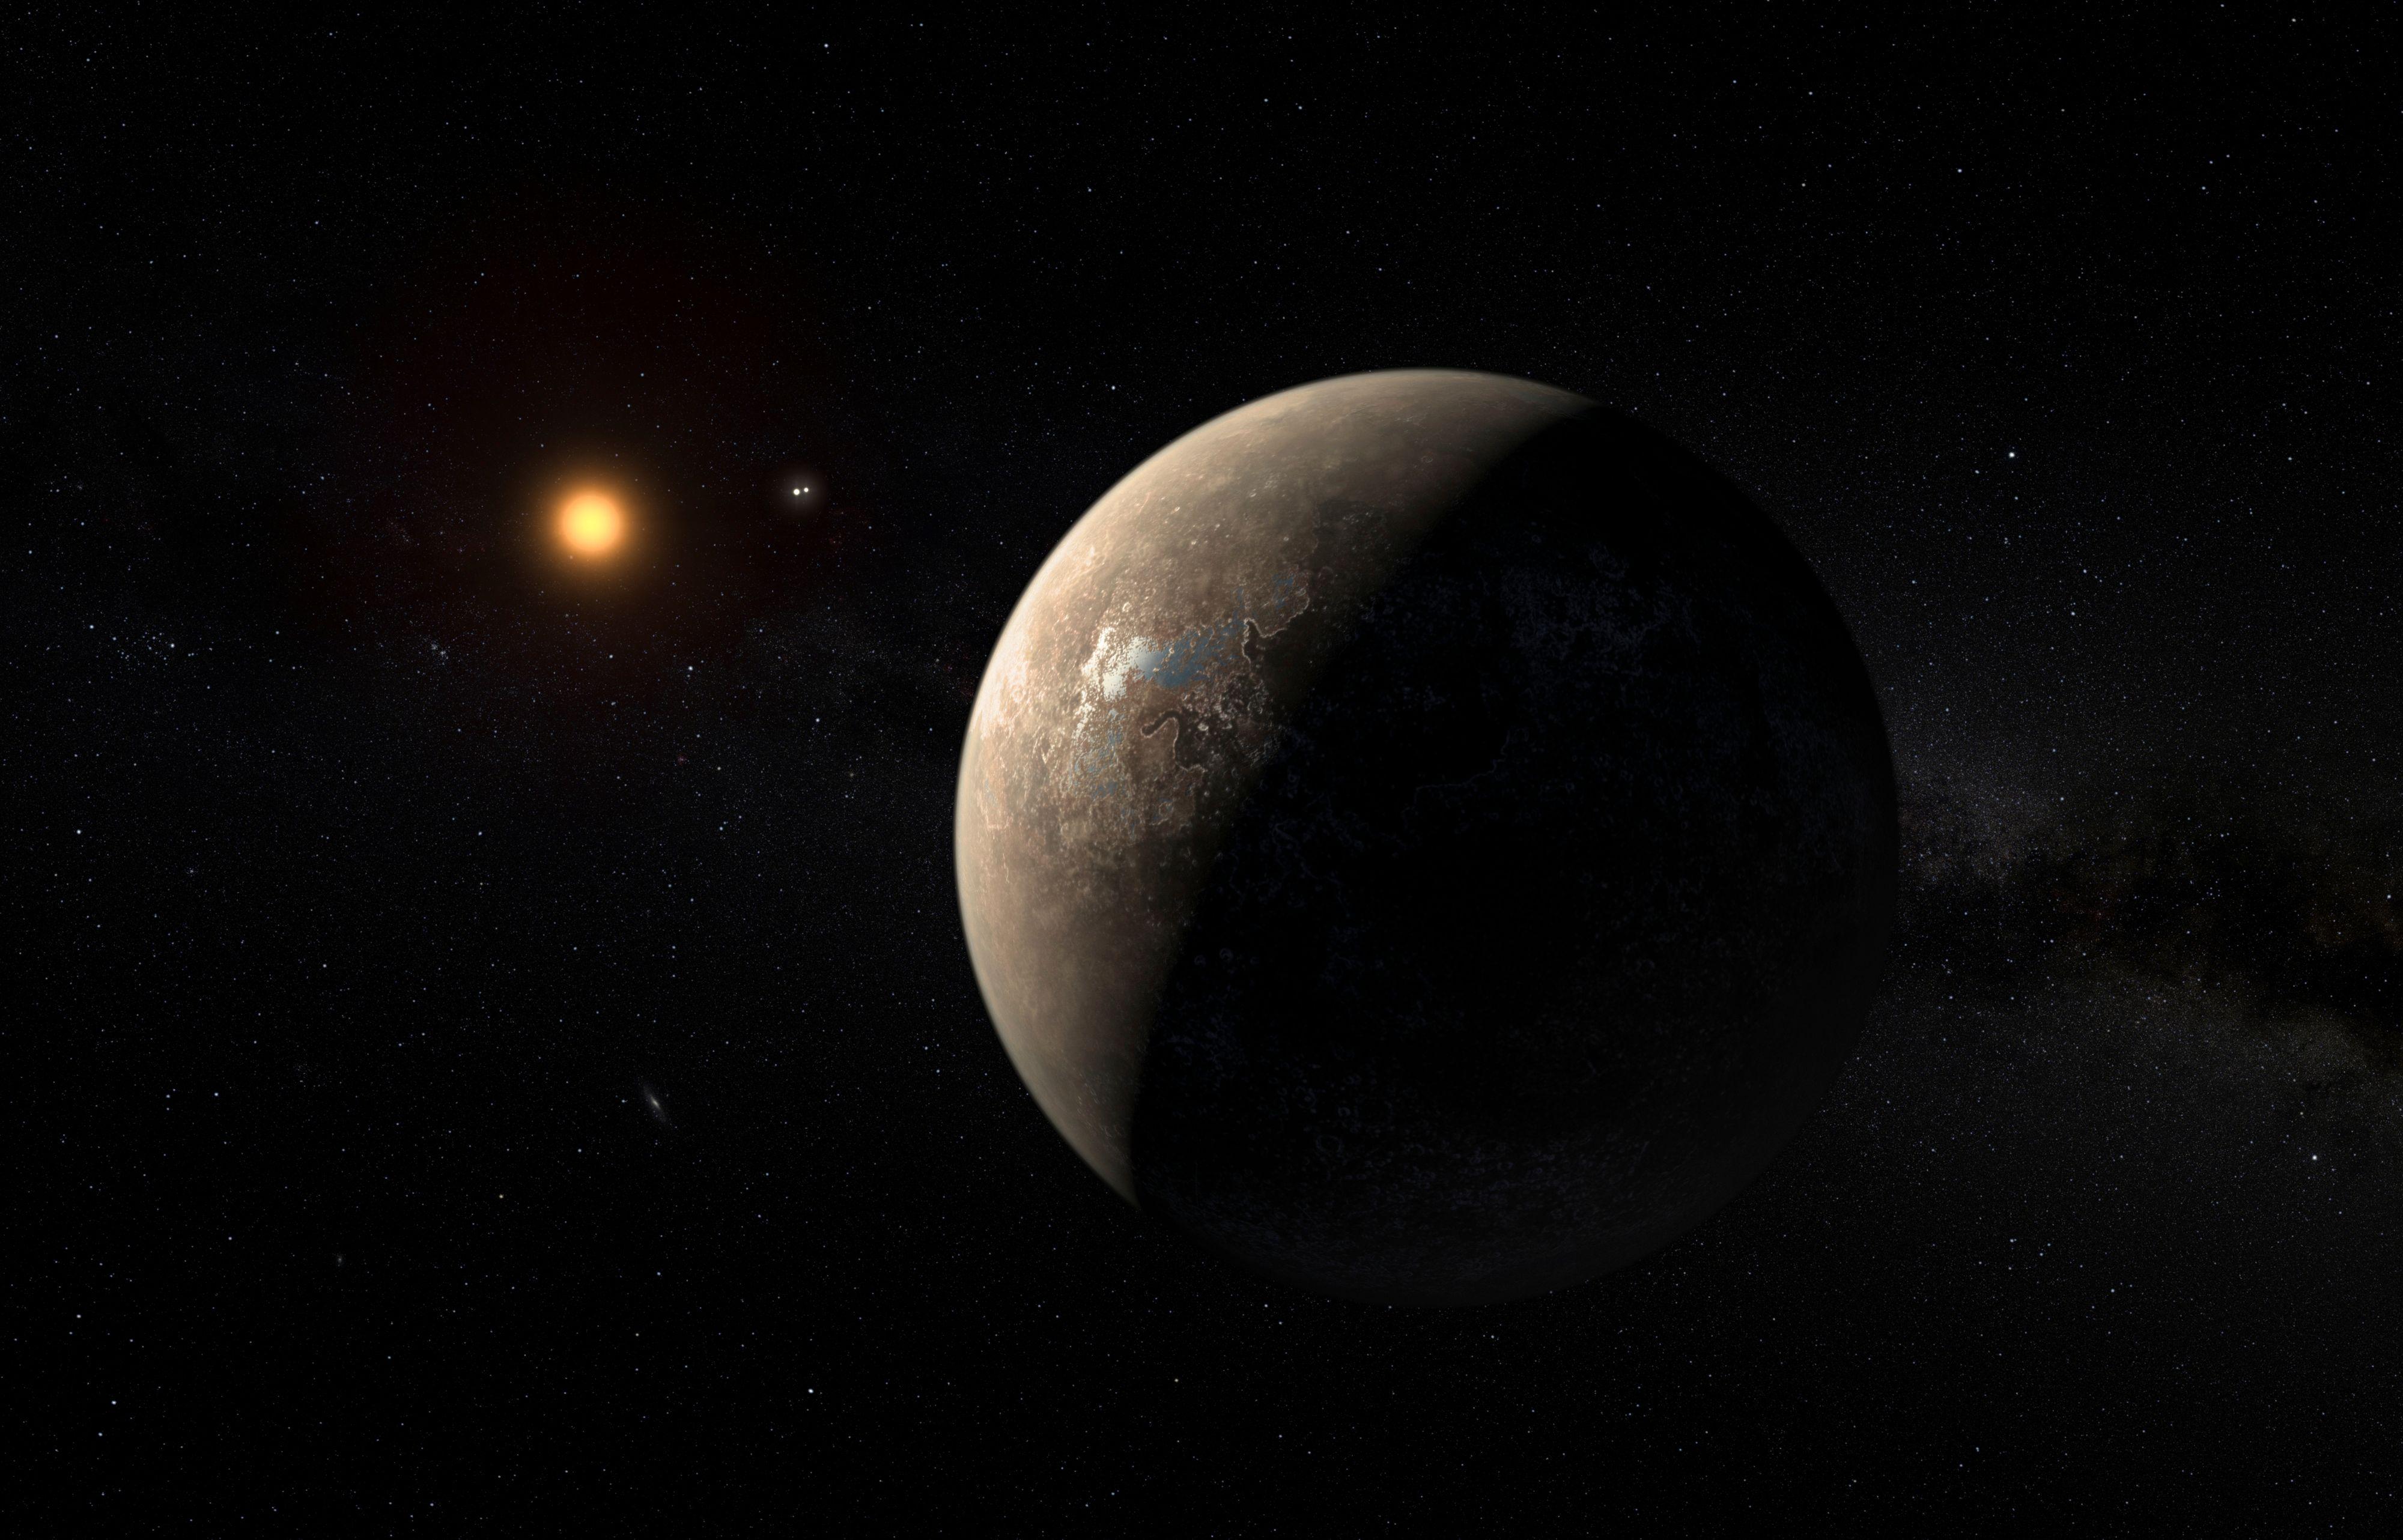 Des E.T autour de Proxima Centauri ? Une technosignature extraterrestre potentielle a été trouvée par Seti ; Les inventions et les innovations les plus importantes de 2020